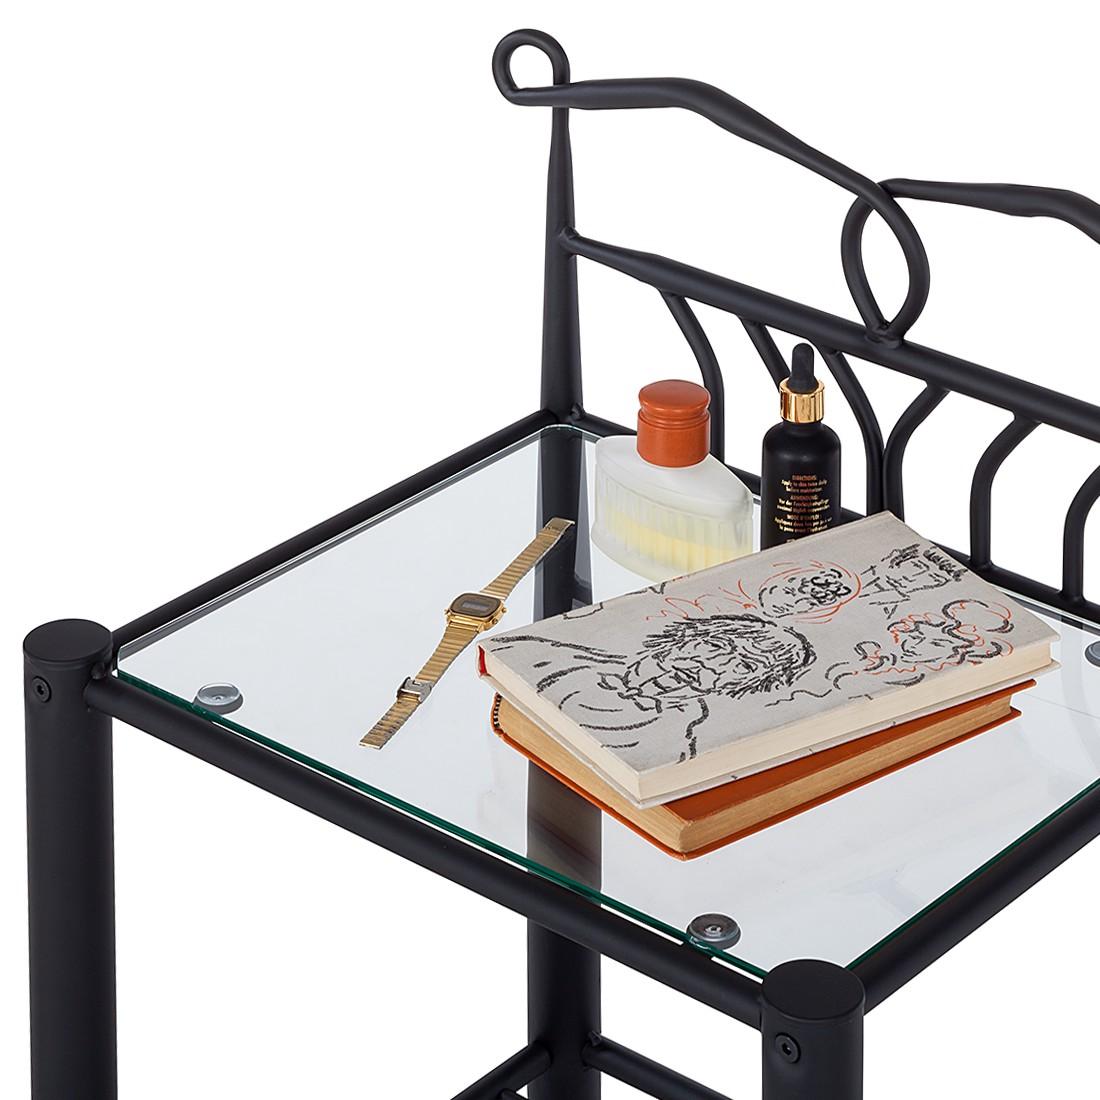 nachttisch mit glasplatte perfect nachttisch give glasplatte stahl wei with nachttisch mit. Black Bedroom Furniture Sets. Home Design Ideas